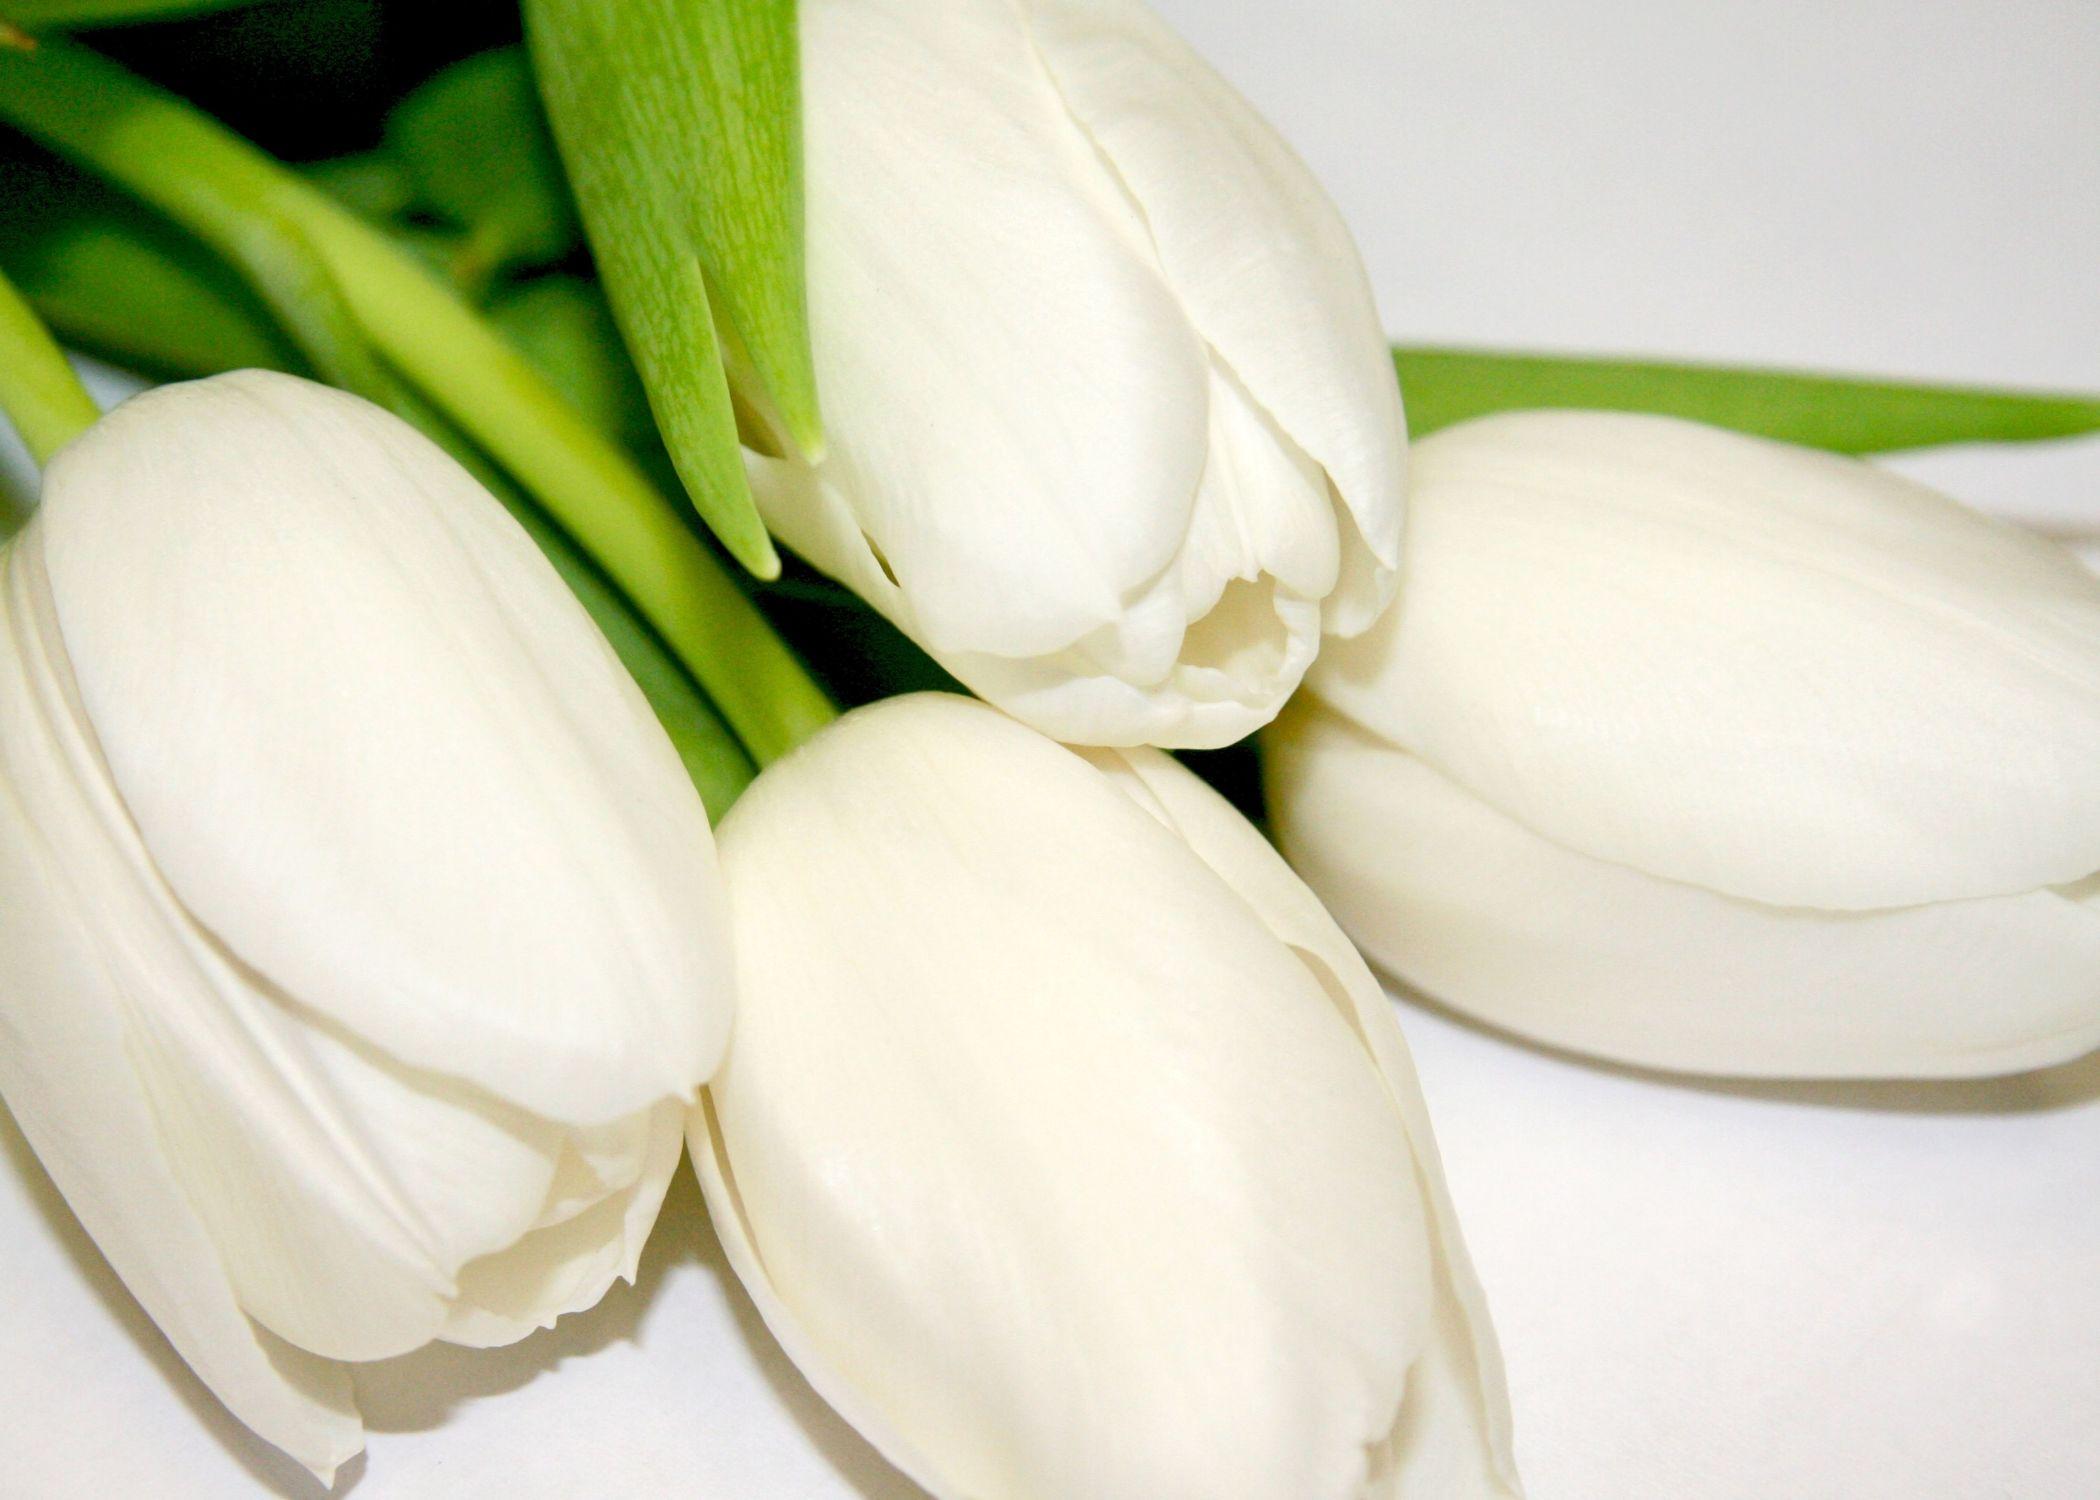 Bild mit Farben, Gegenstände, Natur, Pflanzen, Lebensmittel, Essen, Blumen, Blumen, Weiß, Weiß, Blume, Pflanze, Tulpe, Tulips, Tulpen, weiße Tulpen, Tulipa, Flower, Flowers, Tulip, weiße Tulpe, white tulip, white tulips